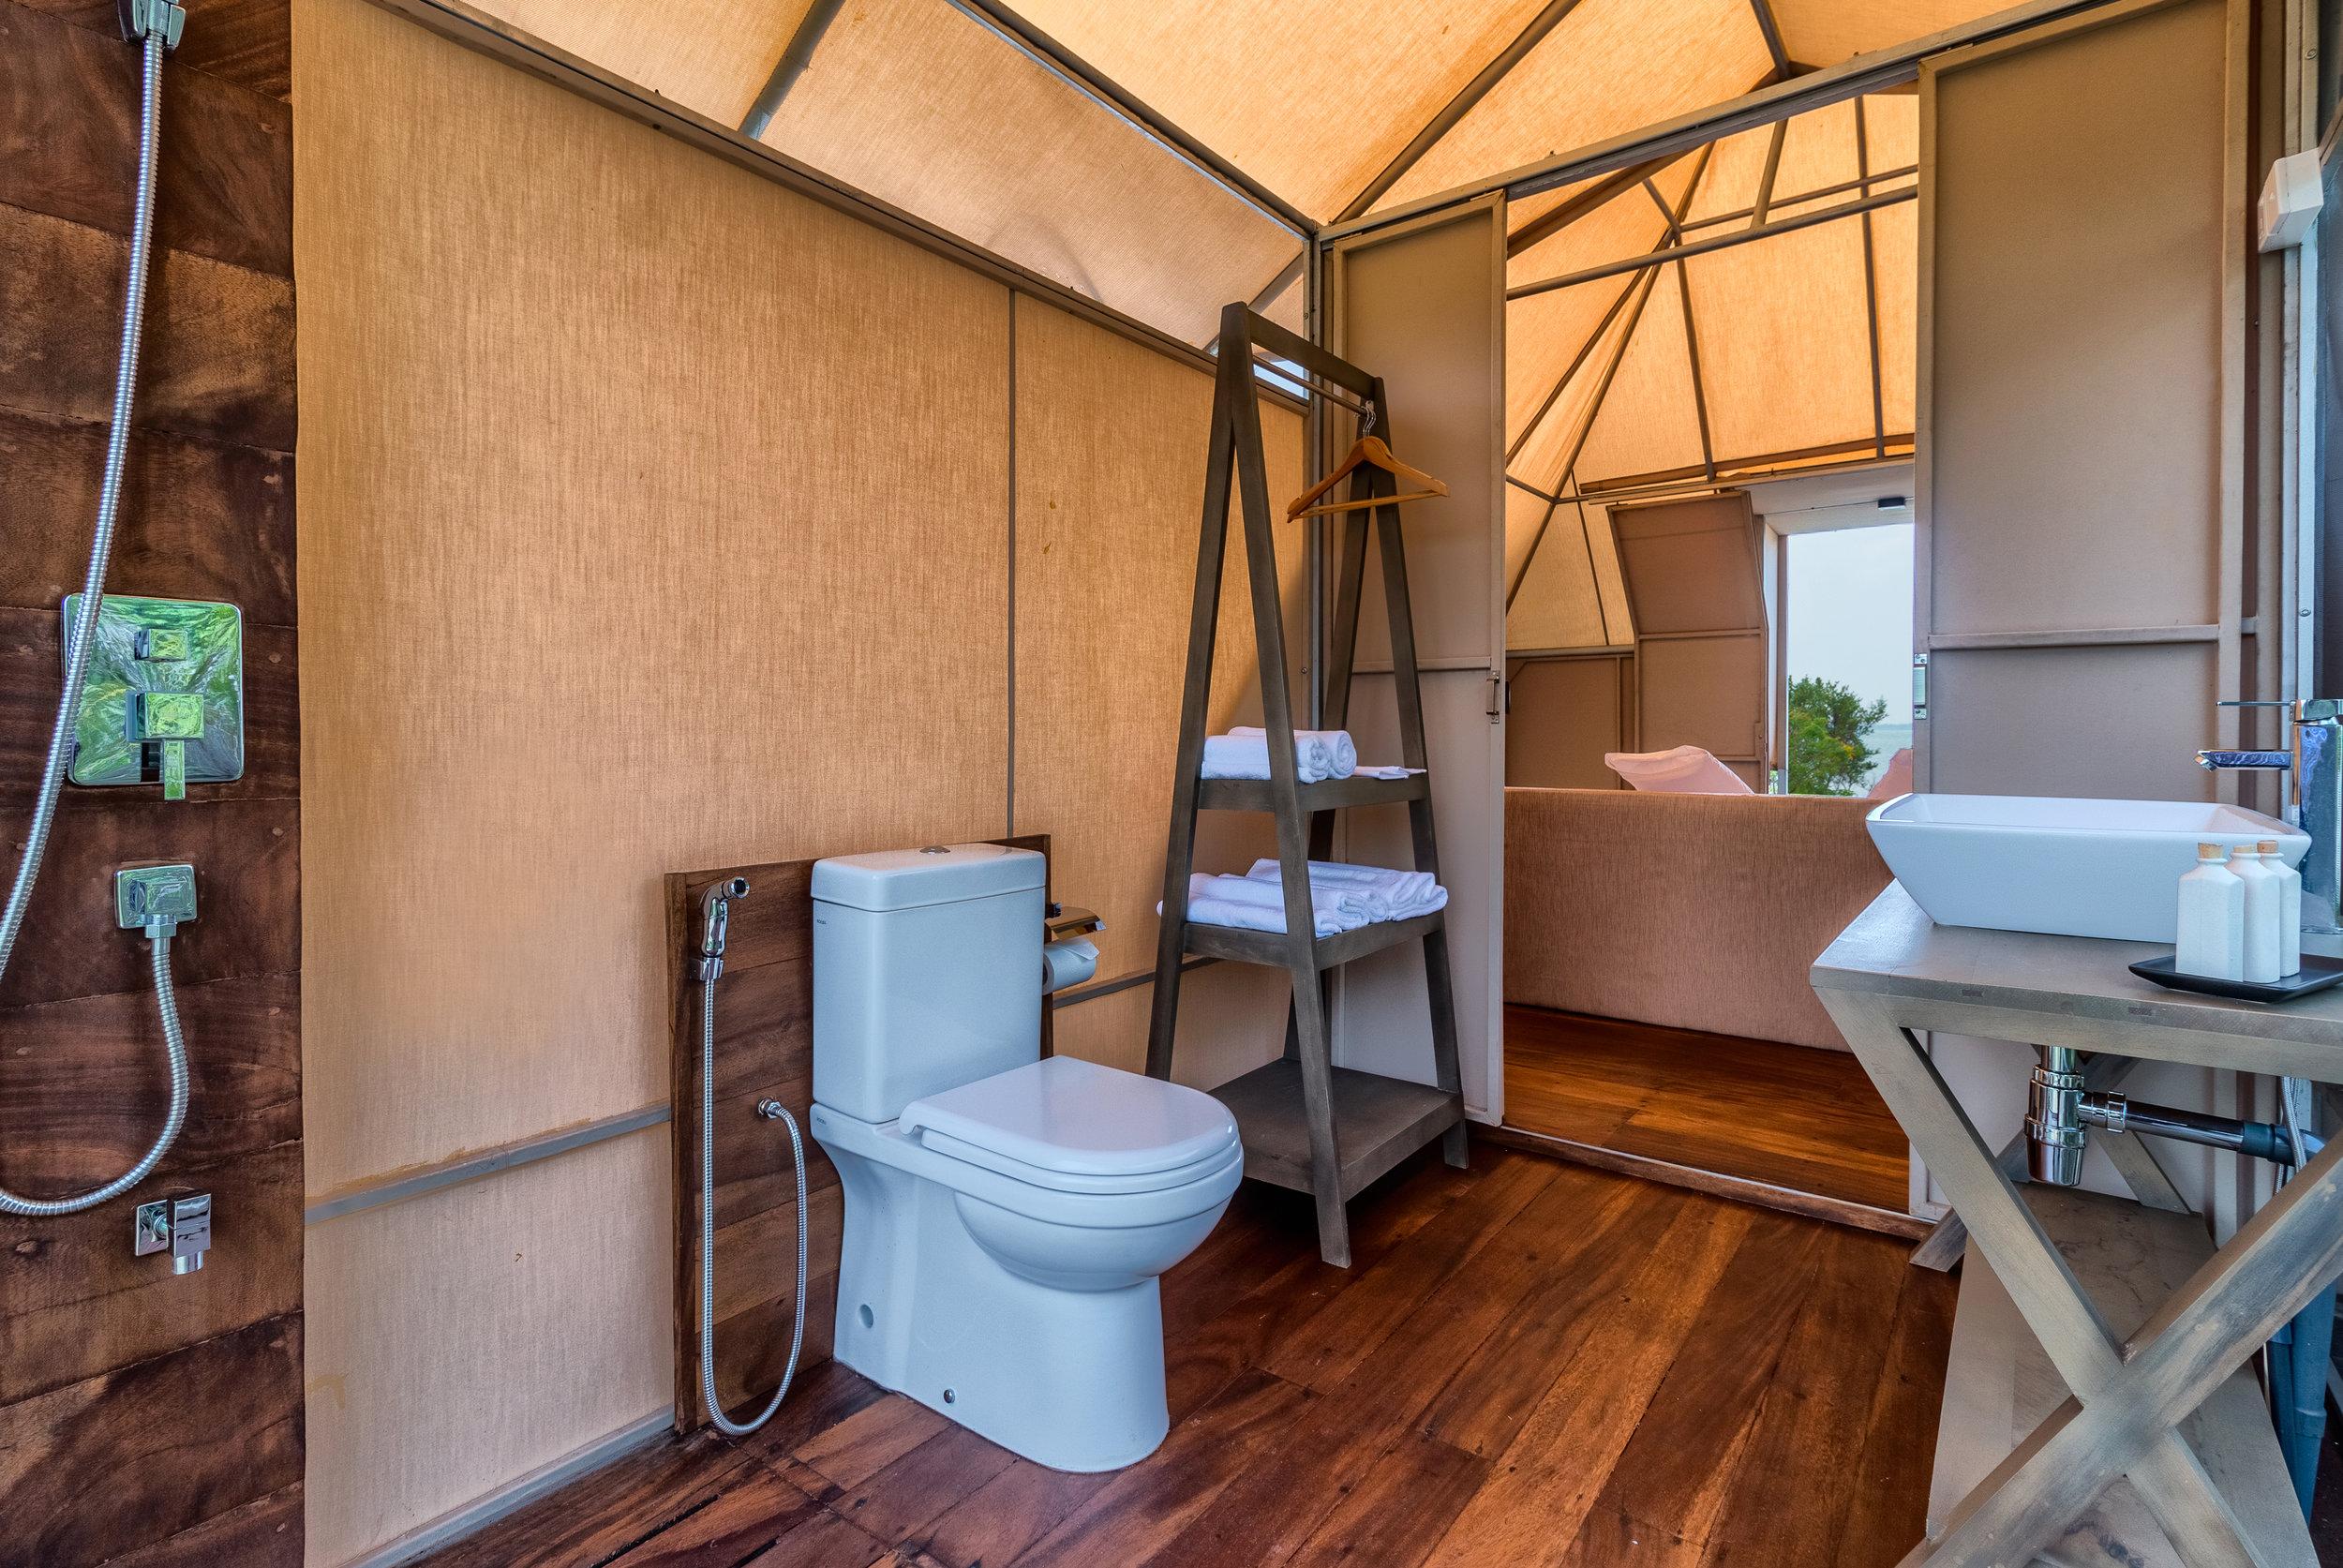 Luxury amenities at Kodev